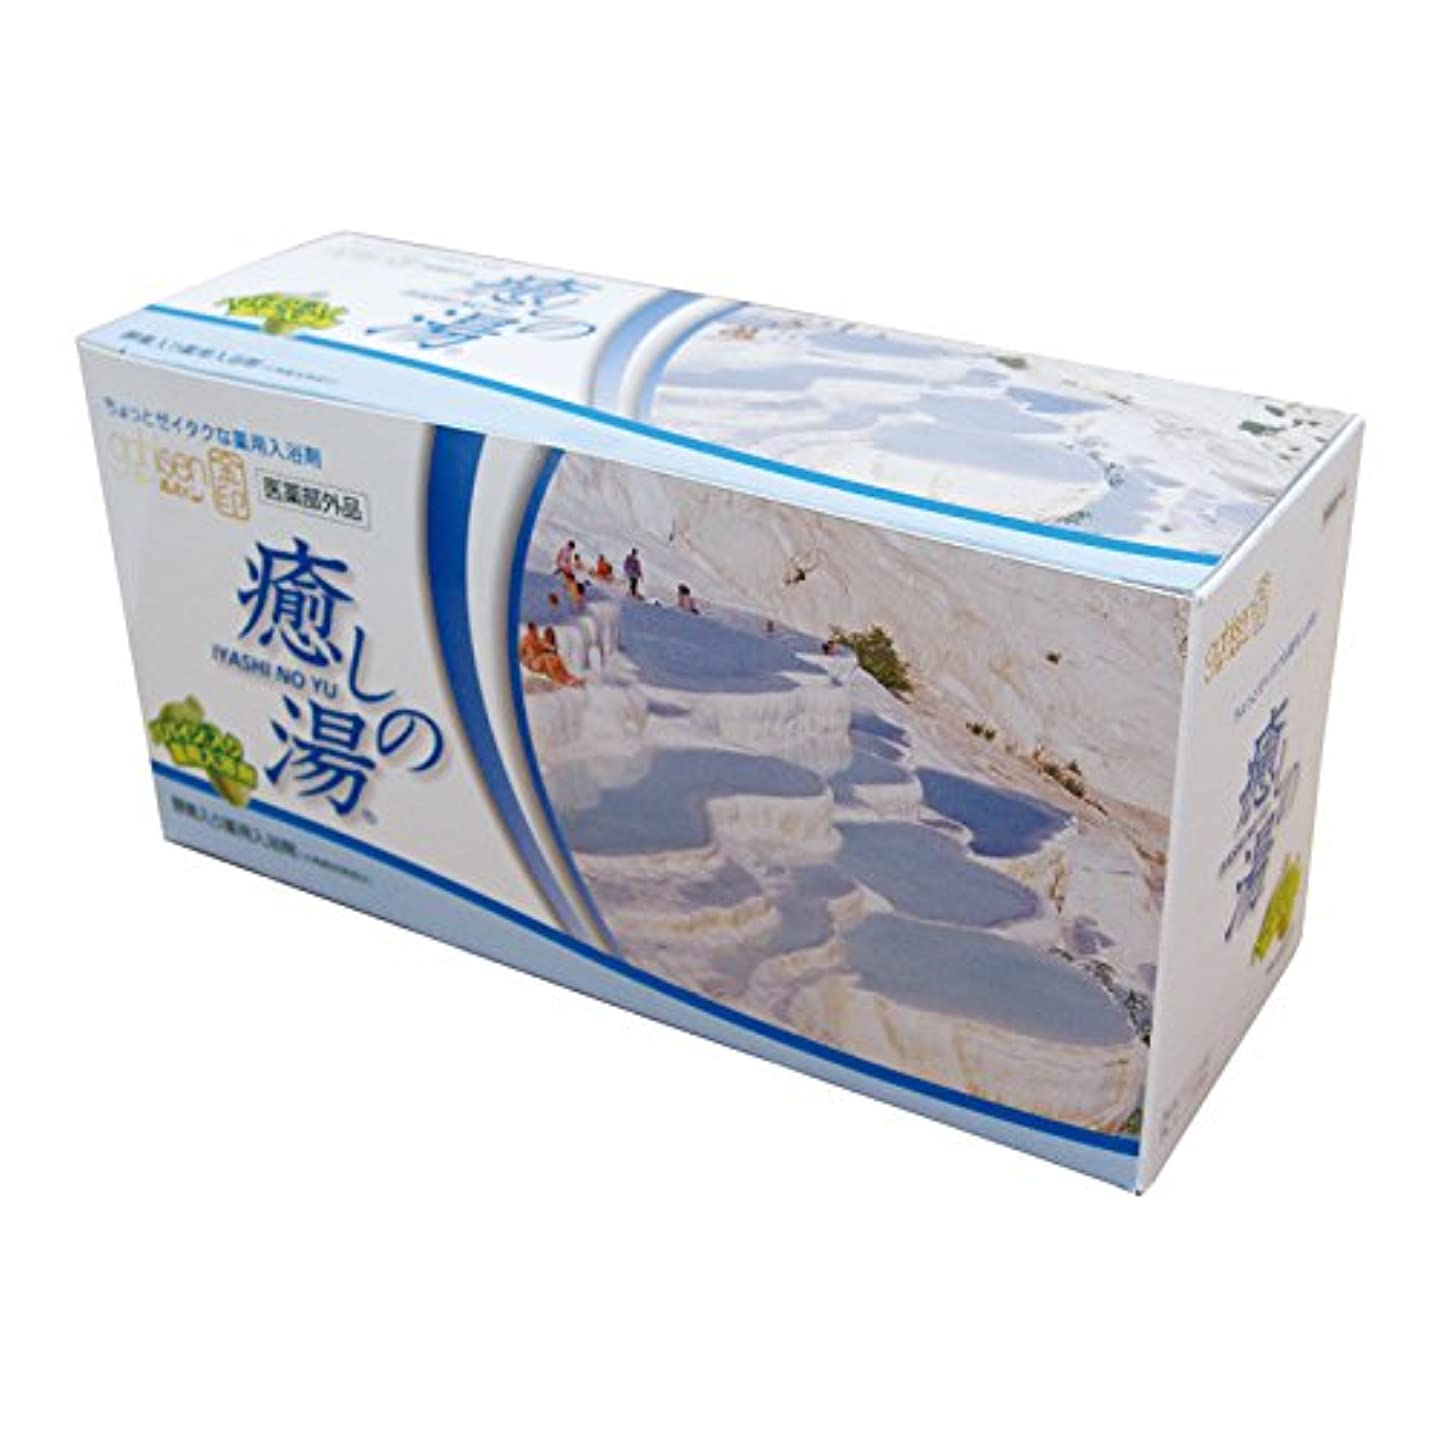 うつ水没ドラゴンBath Terminal 【入浴剤】ガールセン 癒しの湯 金印 30包入【日本生化学正規代理店】